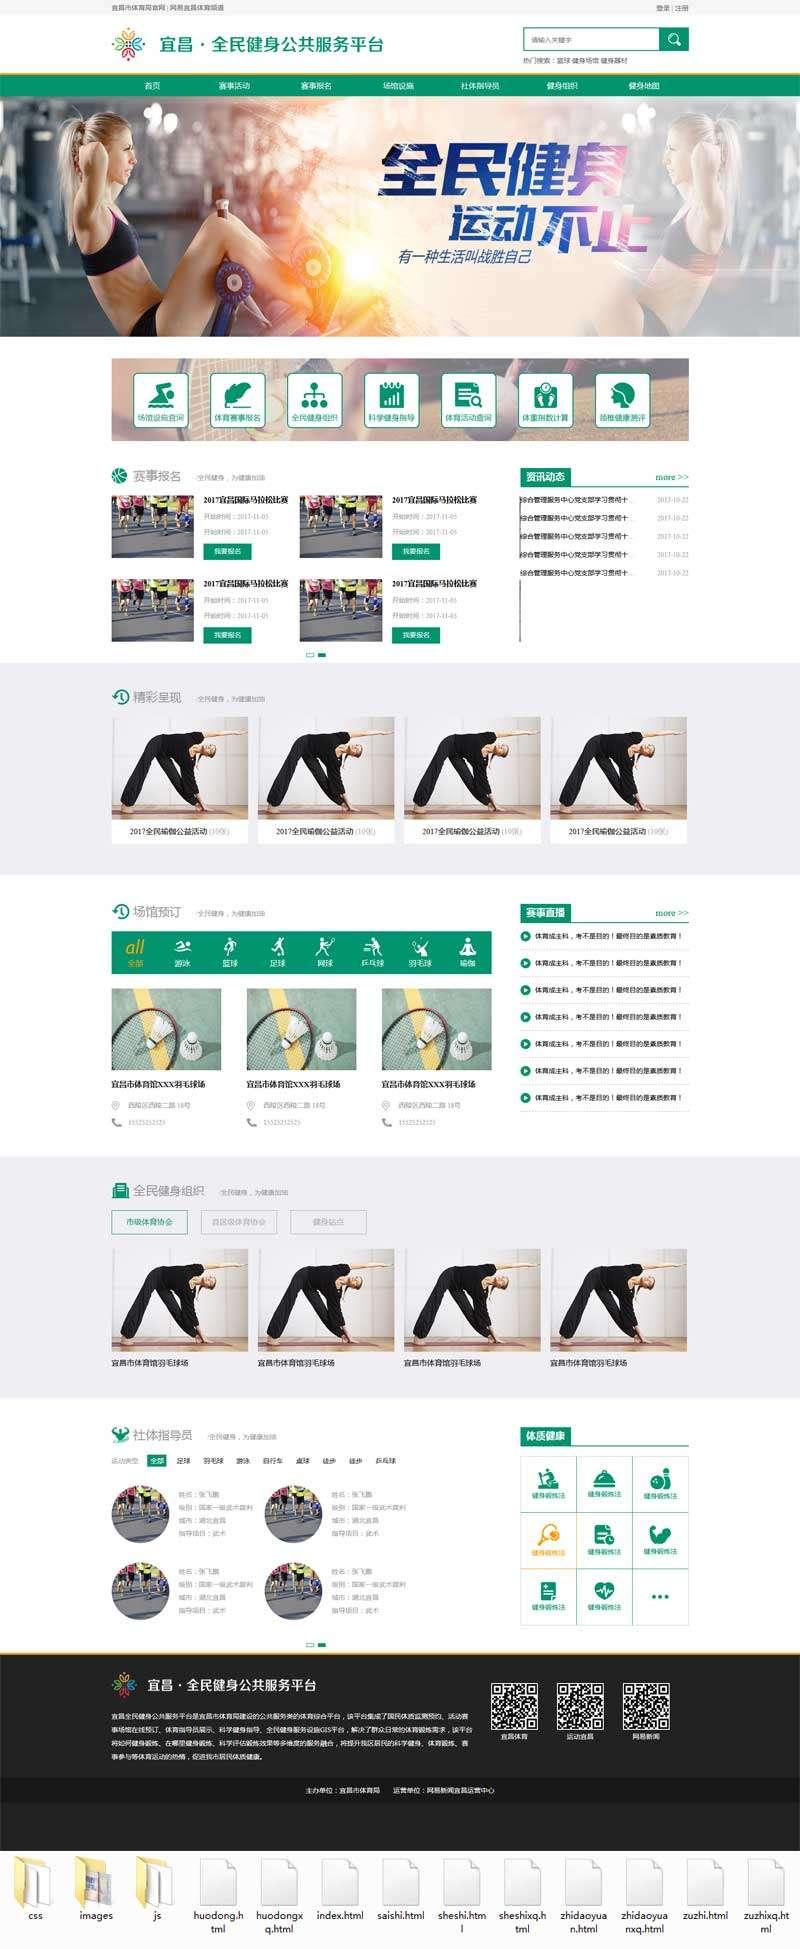 绿色的全民健身公共服务平台网站模板